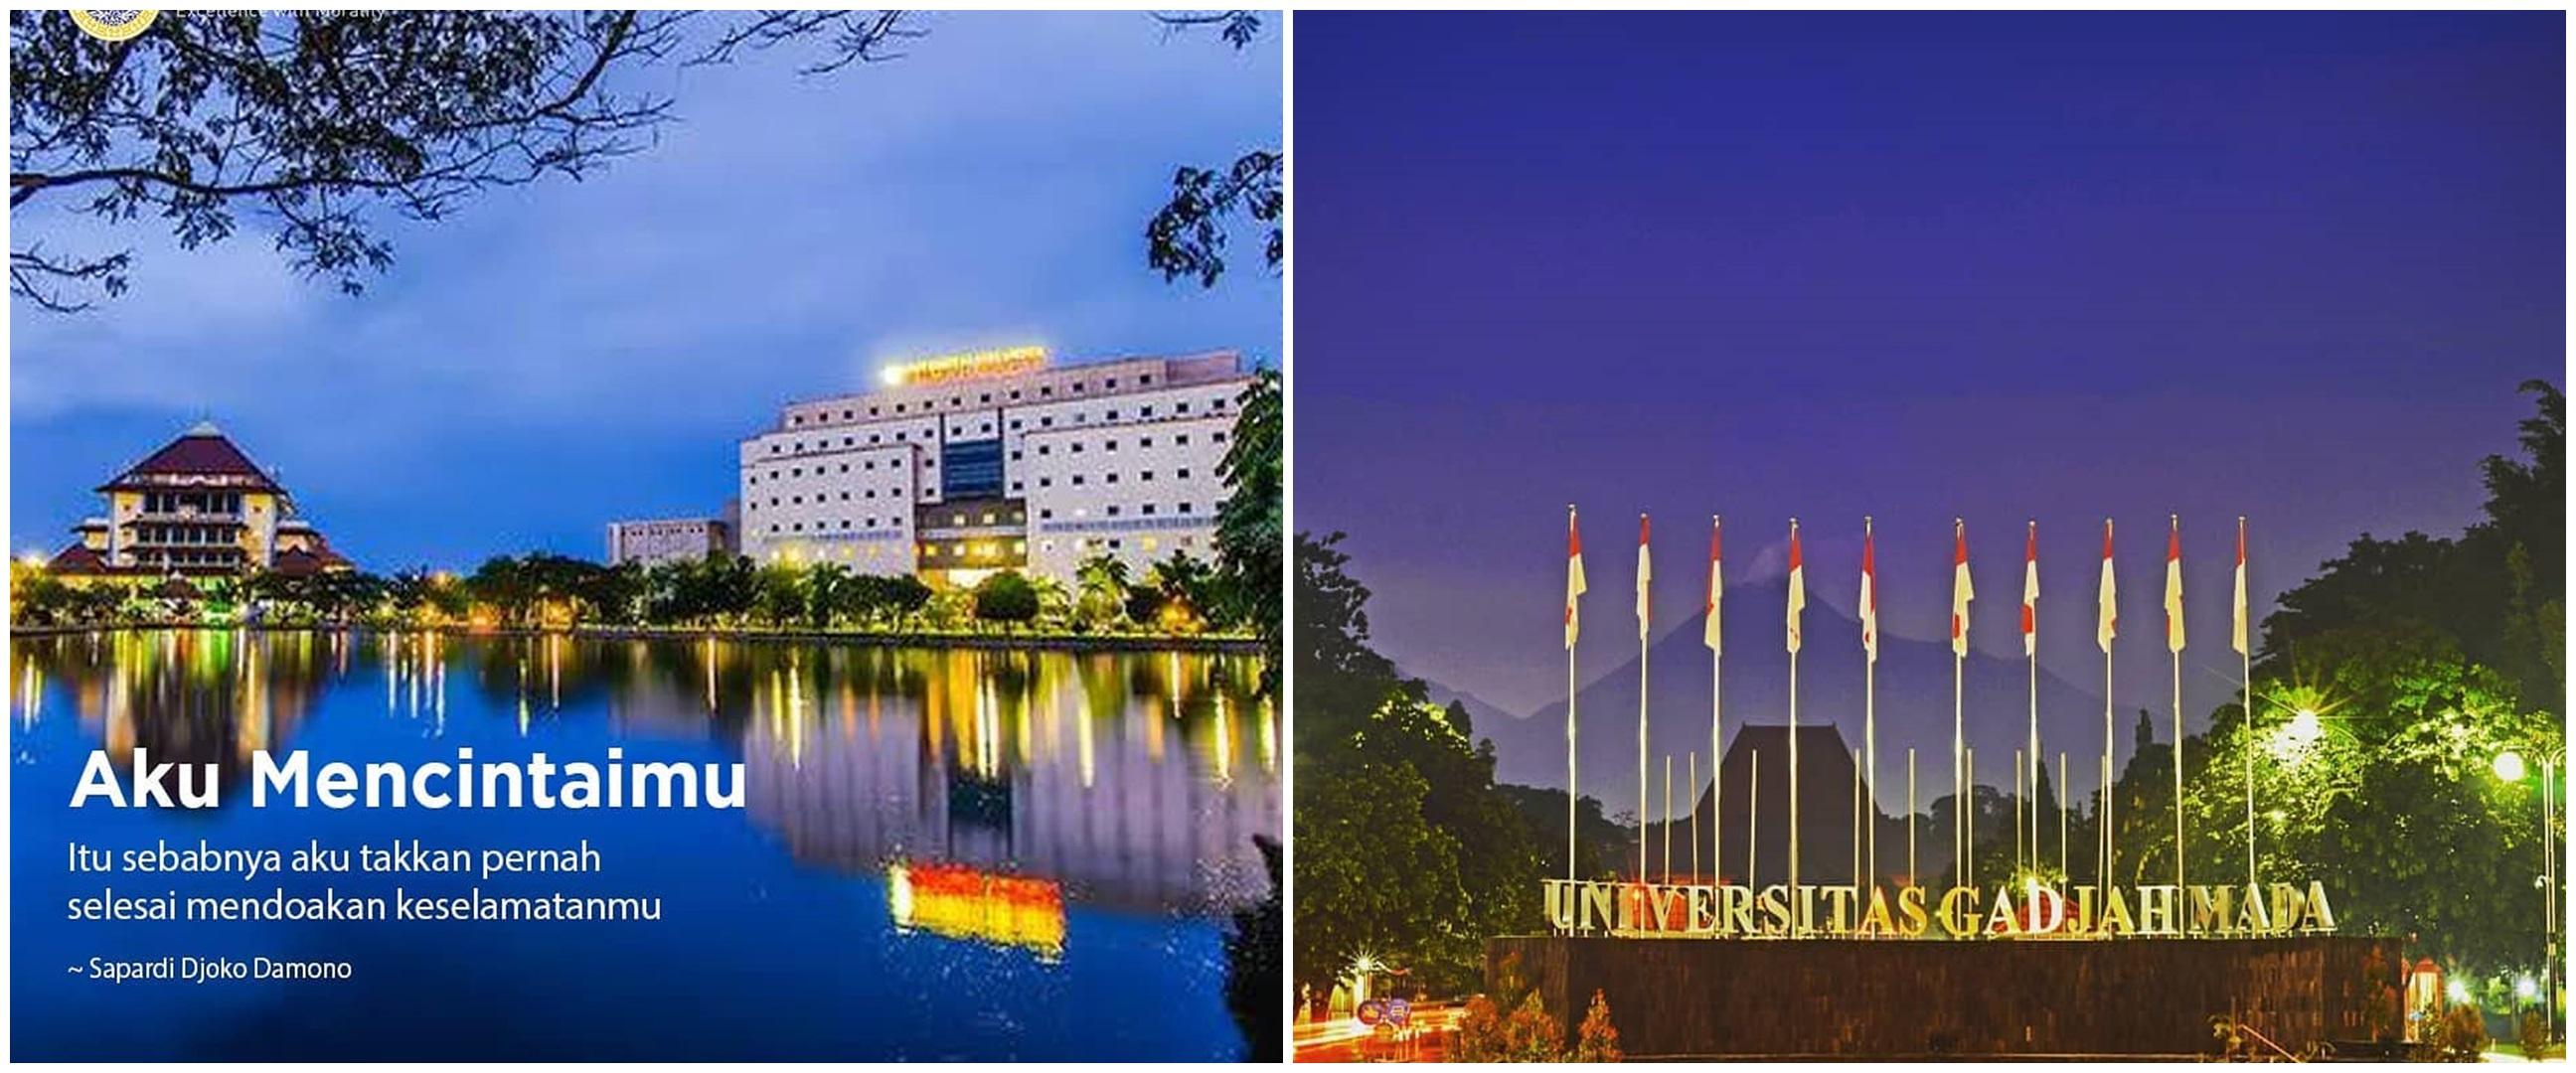 8 Universitas negeri di Indonesia peringkat 1.000 terbaik dunia